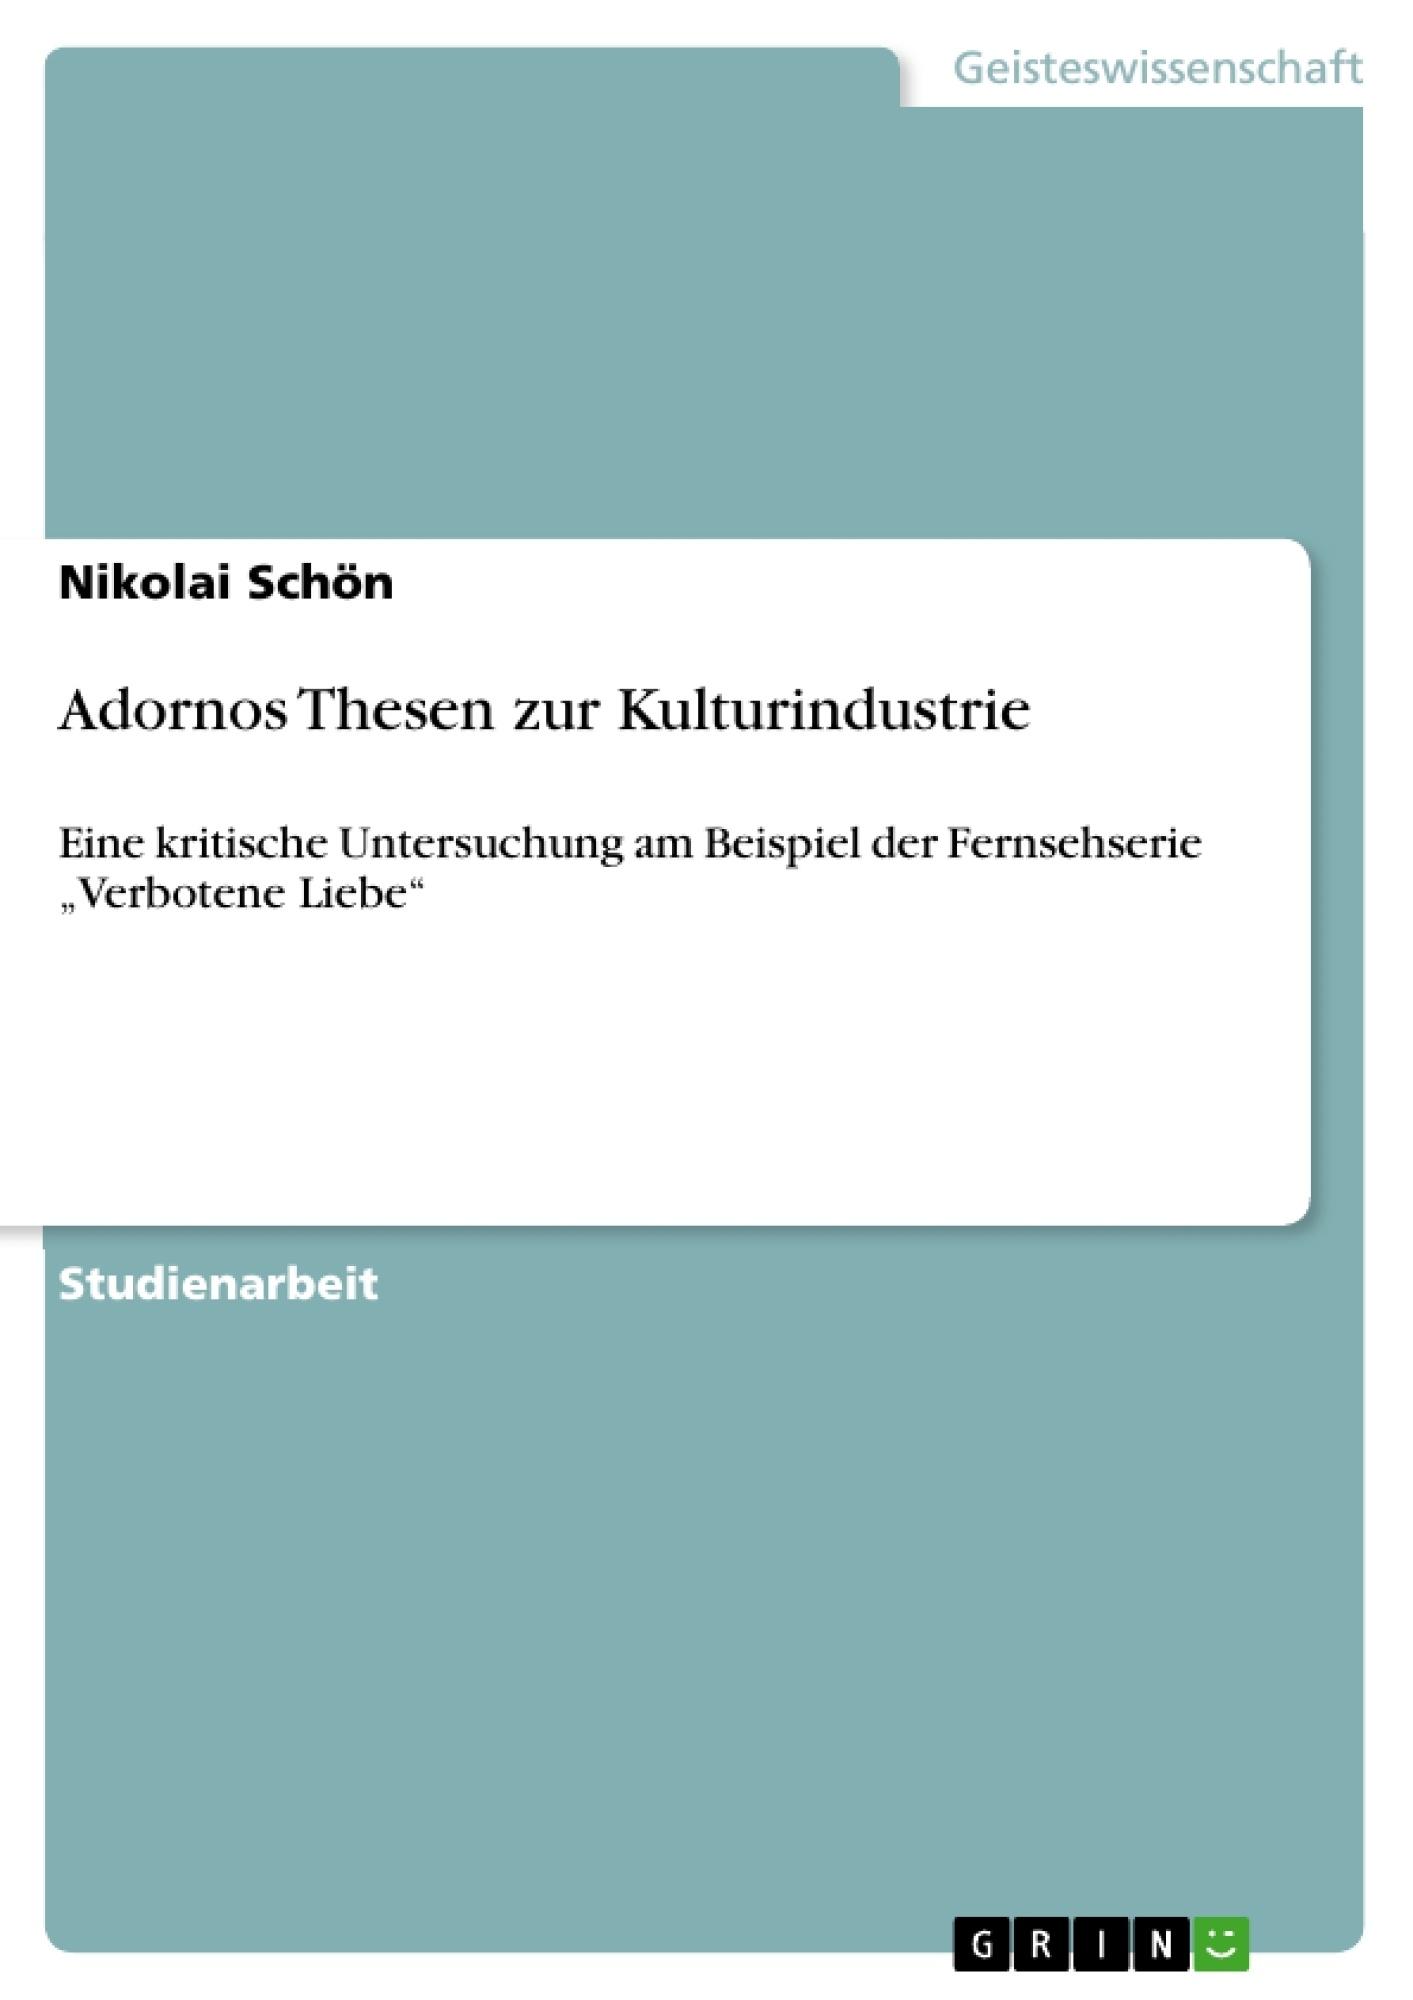 Titel: Adornos Thesen zur Kulturindustrie